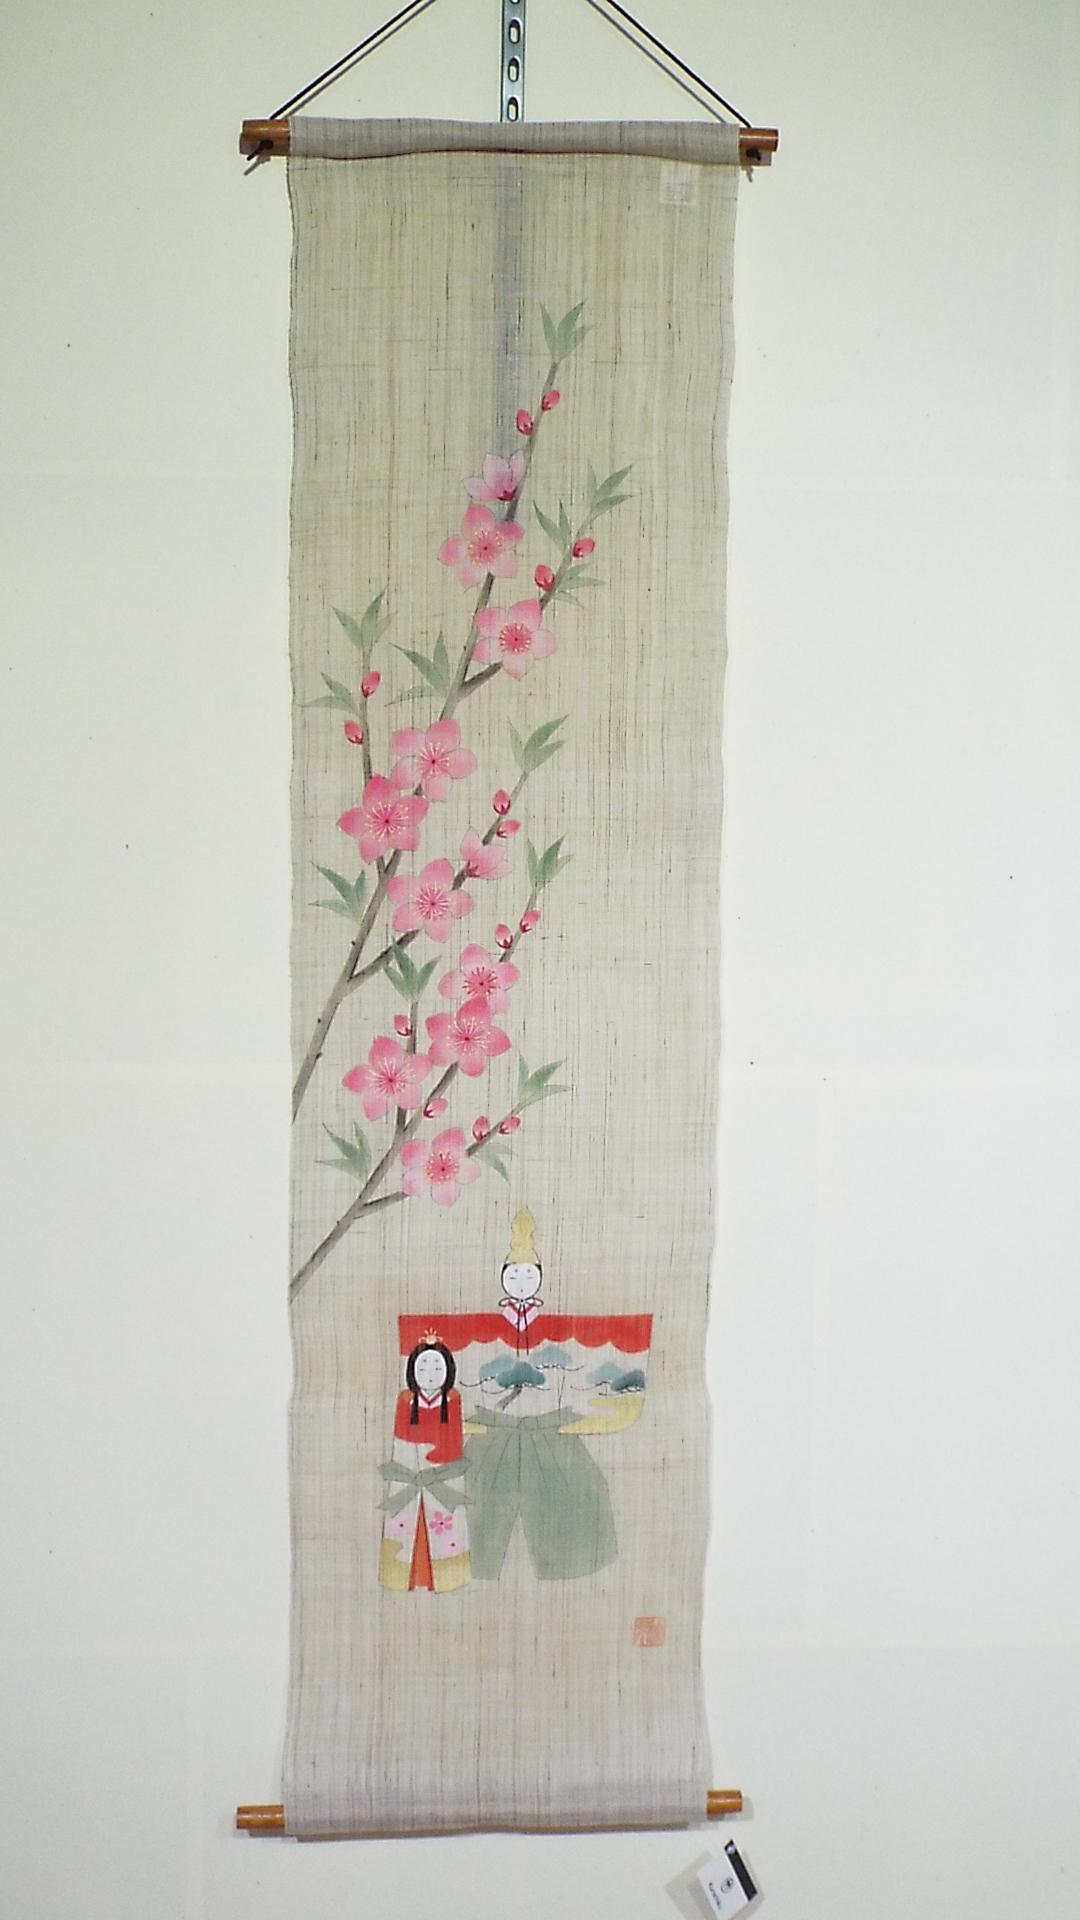 【桃花と凛花立雛】 『くろちく』の手描き麻タペストリー